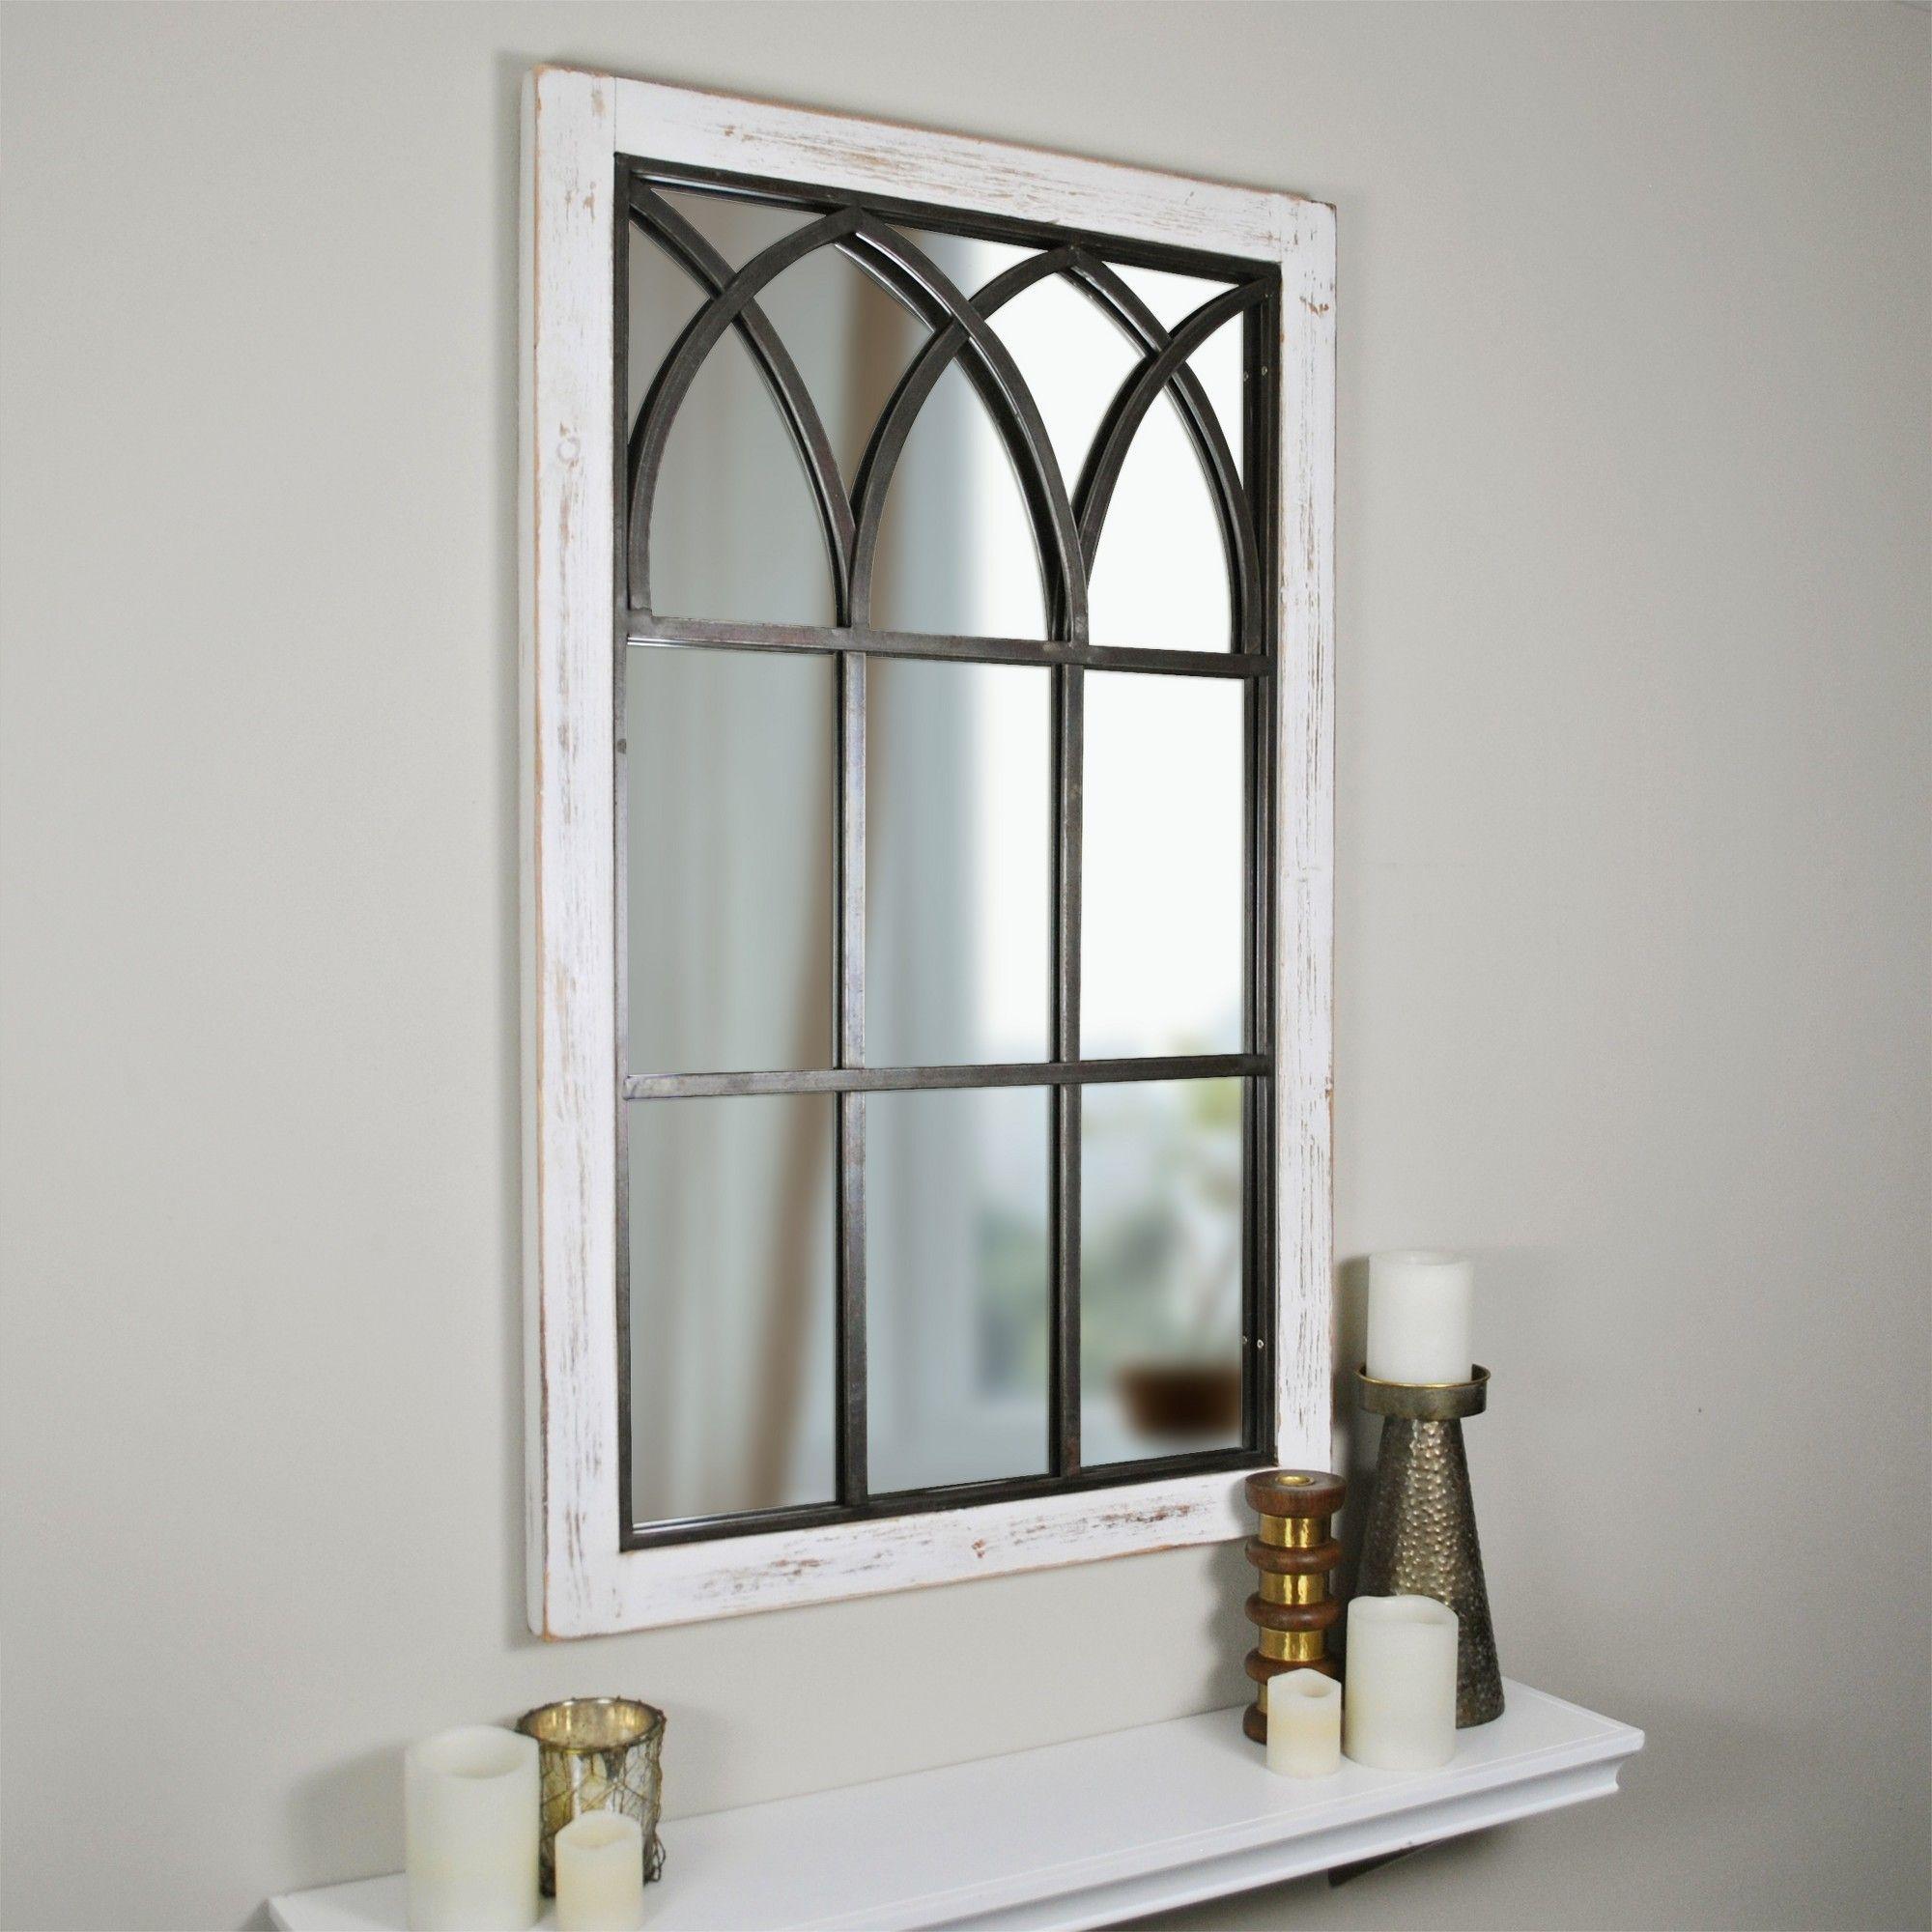 37 5 X 24 Vista Arched Window Mirror White Firstime Arched Window Mirror Window Mirror Arched Windows